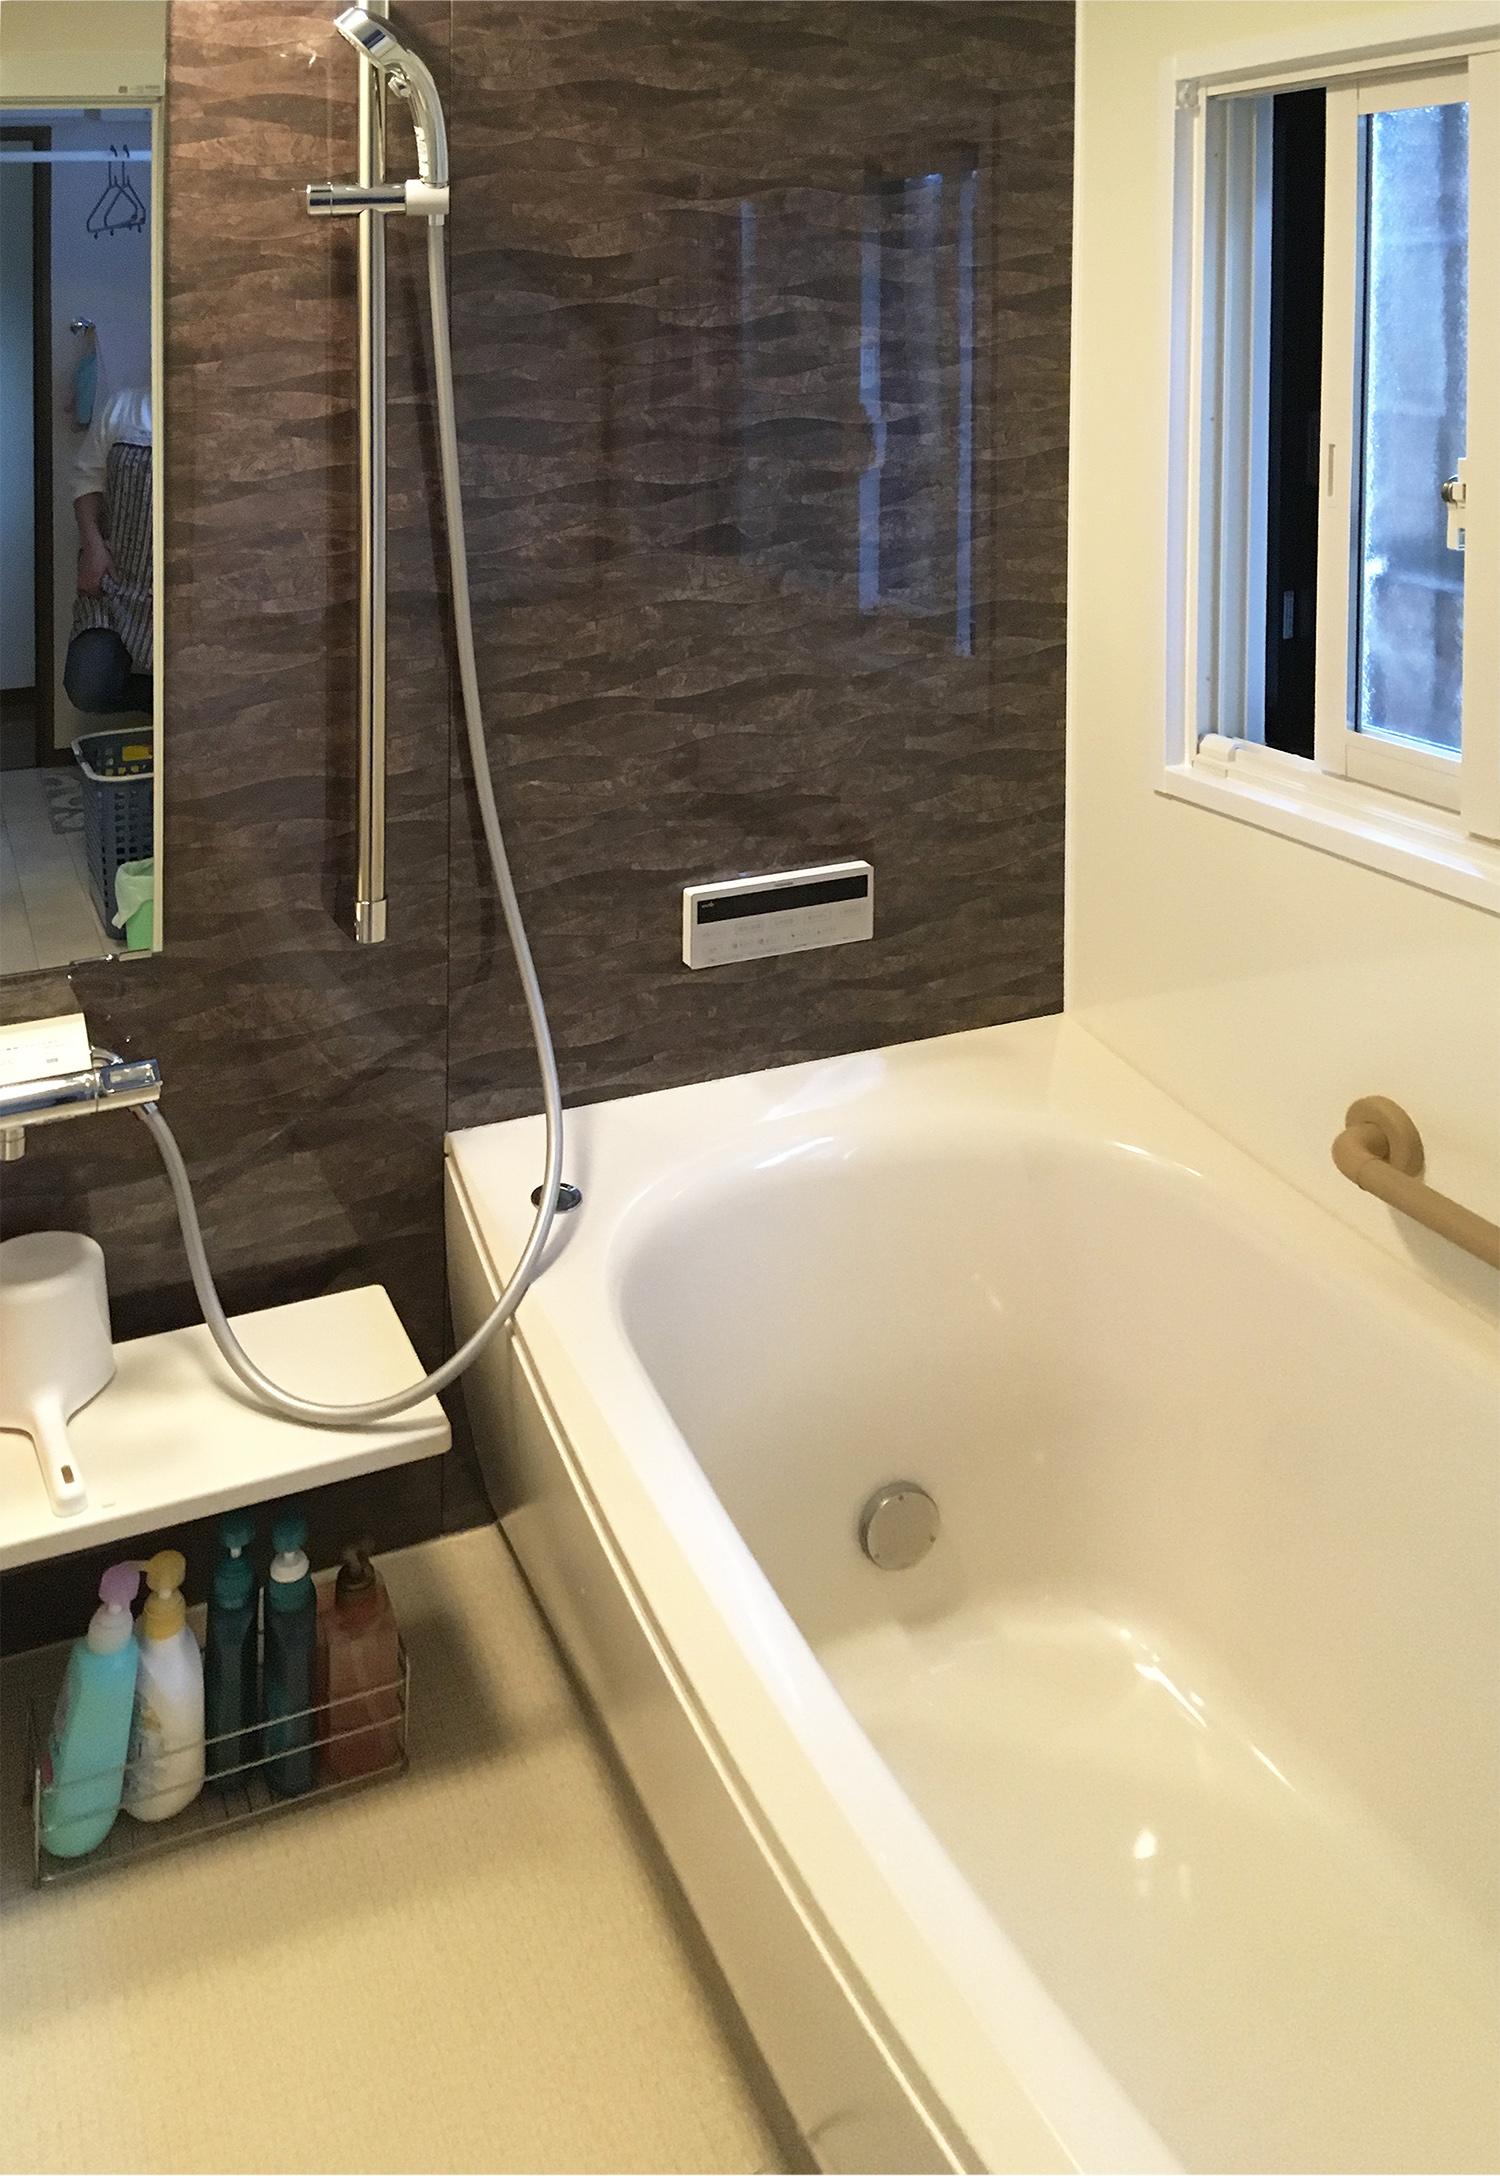 寒い浴室を快適に! お風呂リフォーム🛀